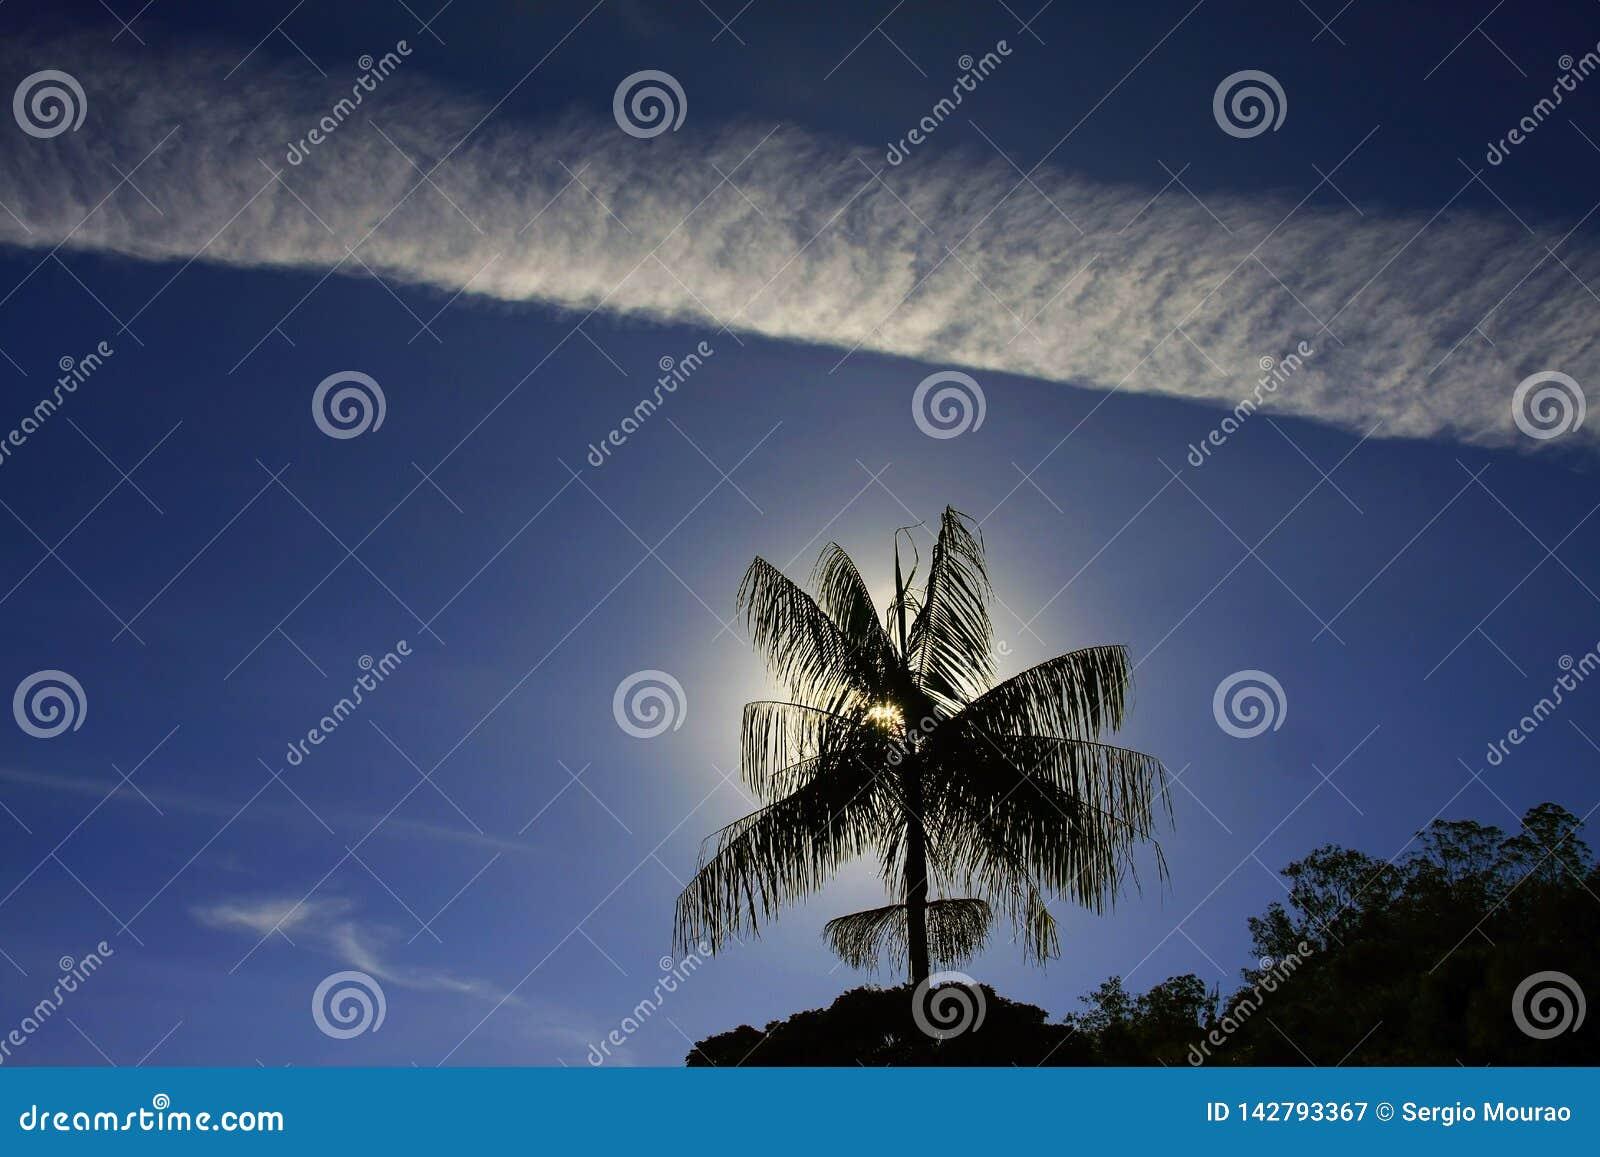 Ίχνη στον ουρανό που πλαισιώνει το απομονωμένο δέντρο καρύδων